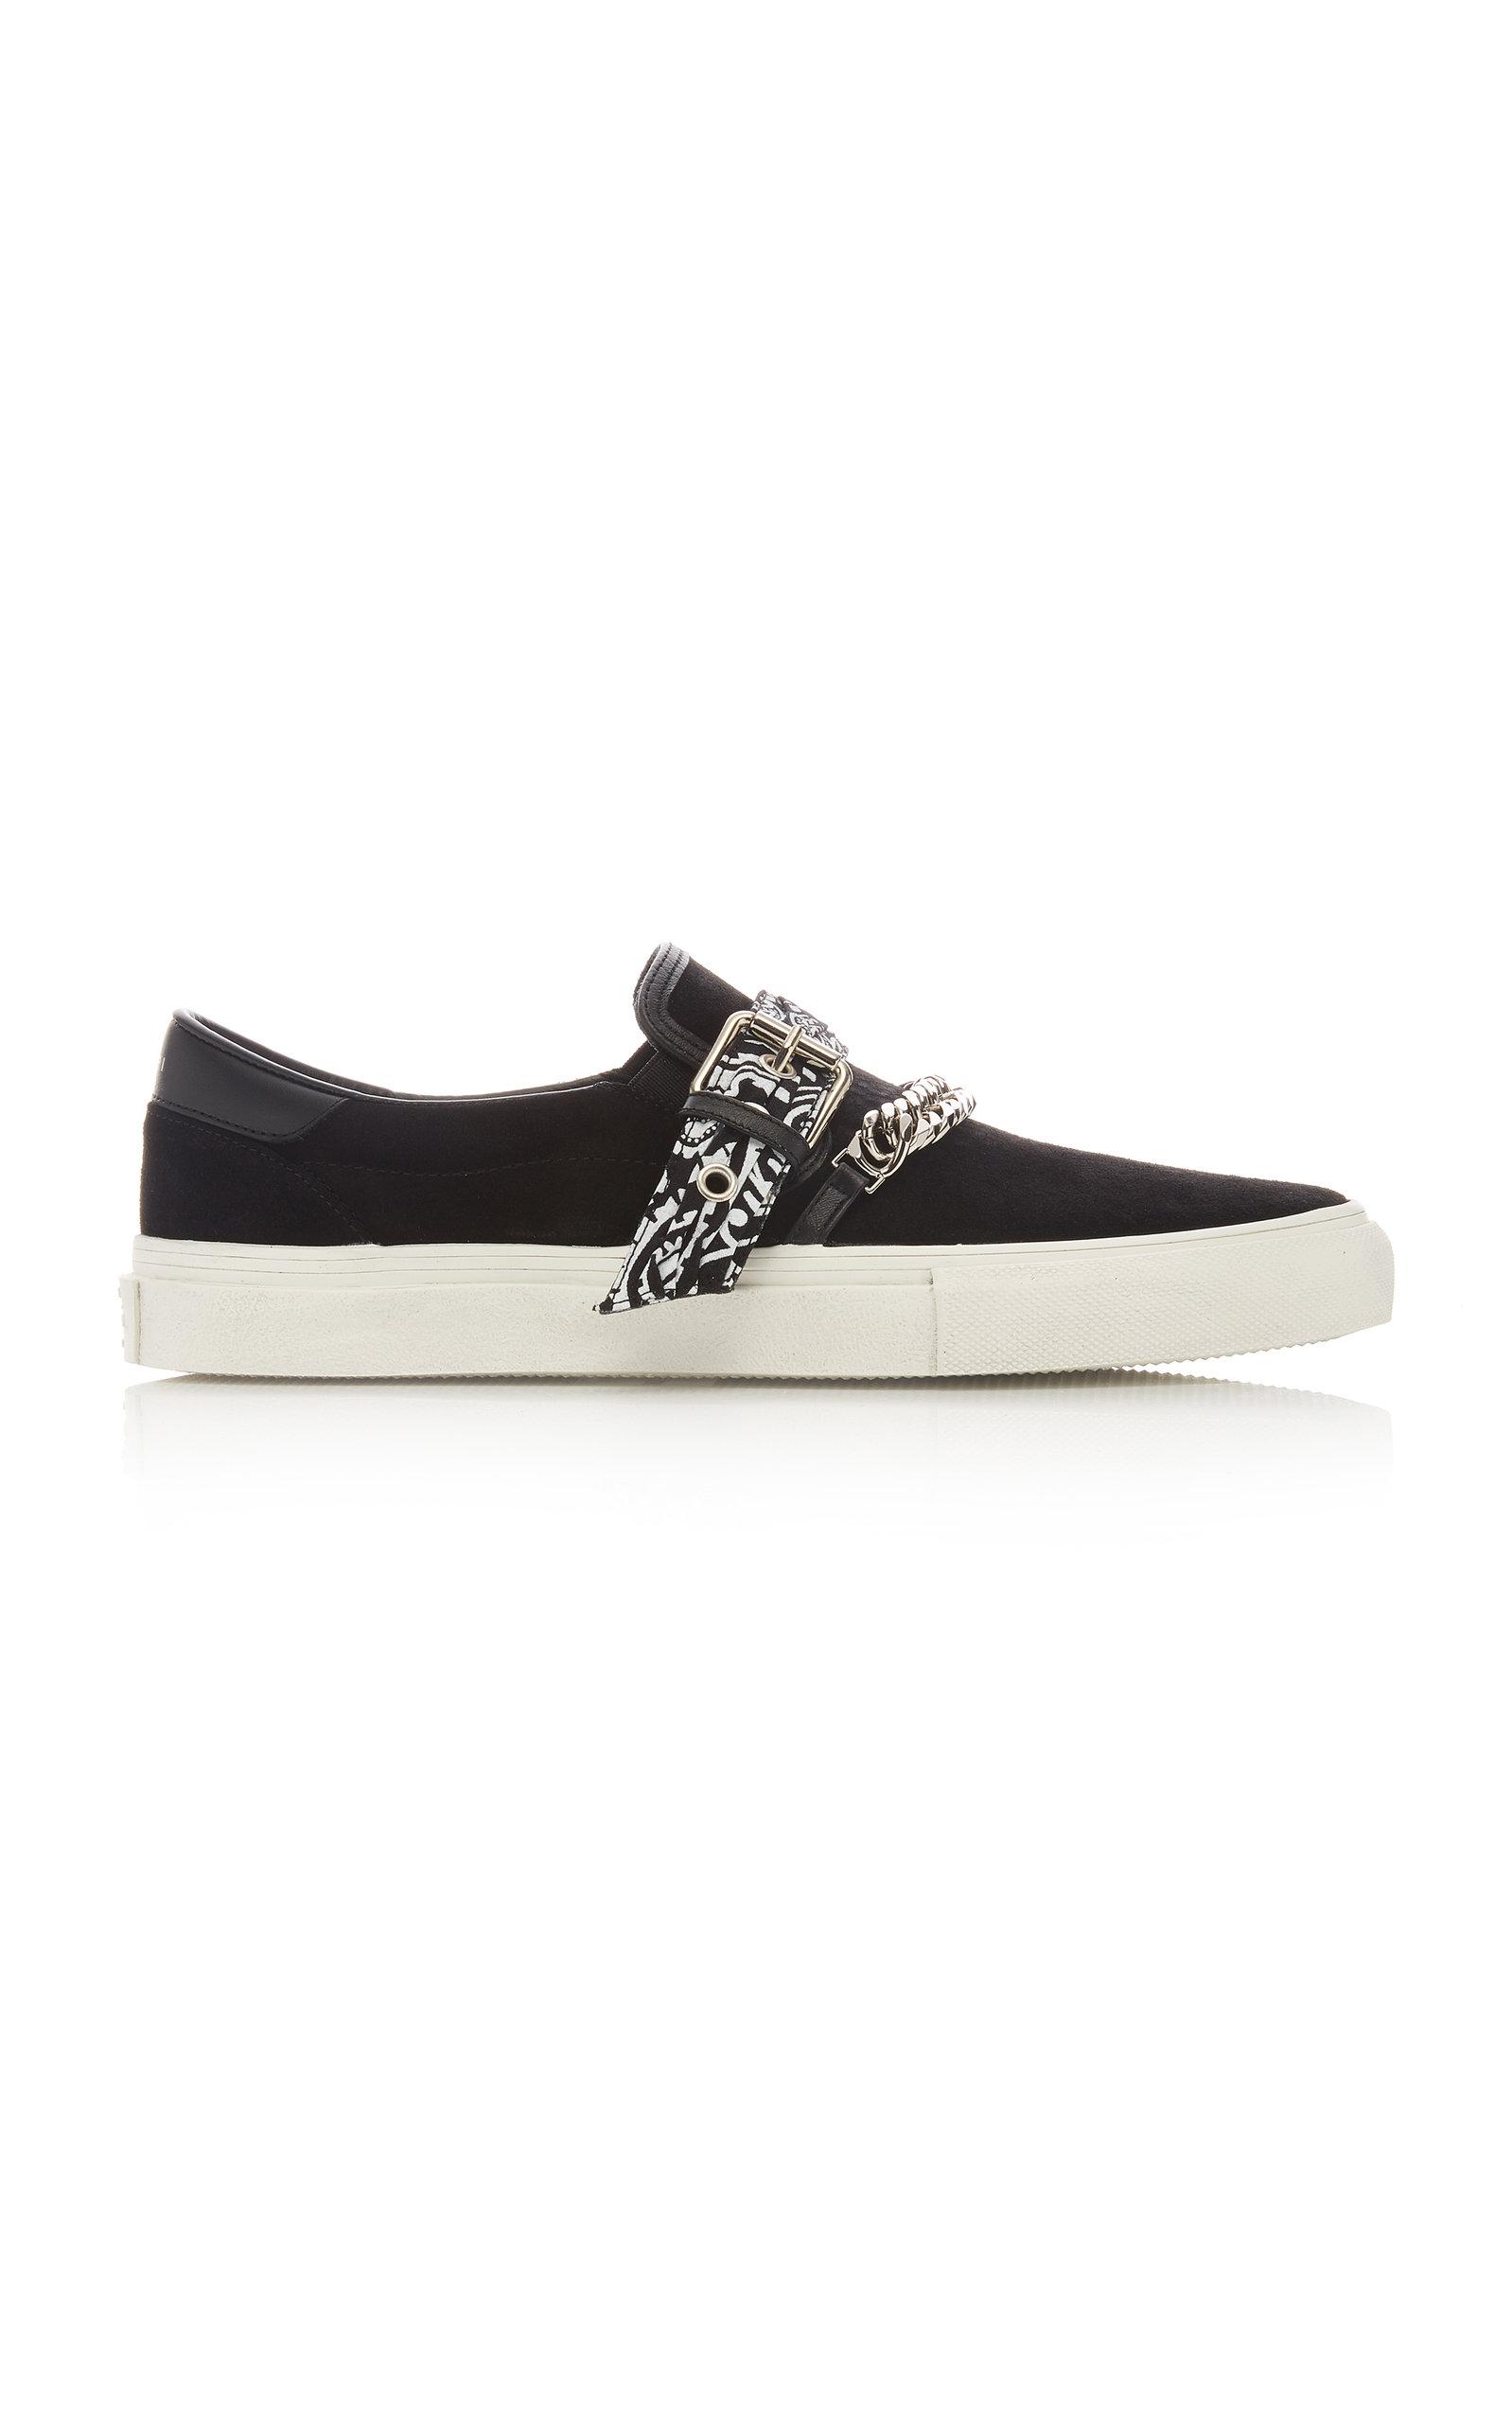 Amiri Sneakers Embellished Suede Sneakers